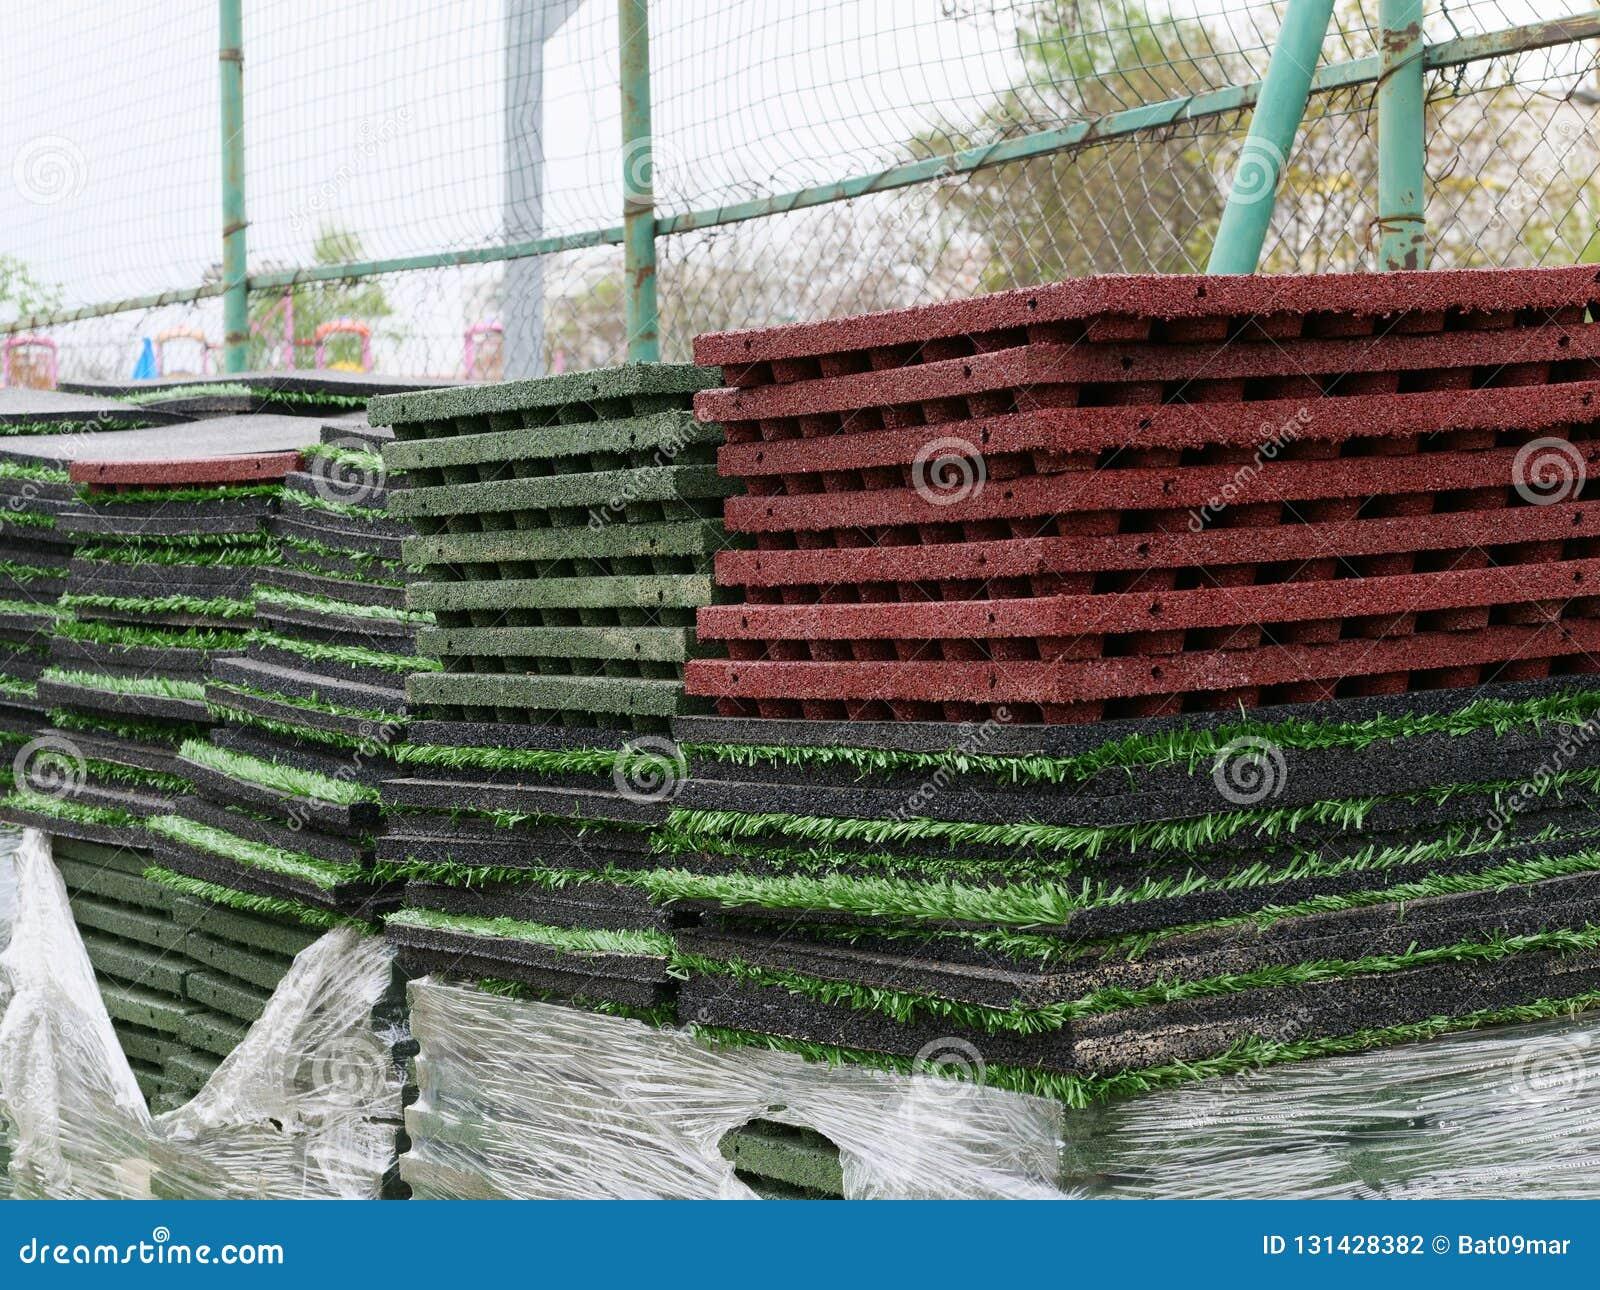 Pila di stuoie di gomma della piastrella per pavimento e di